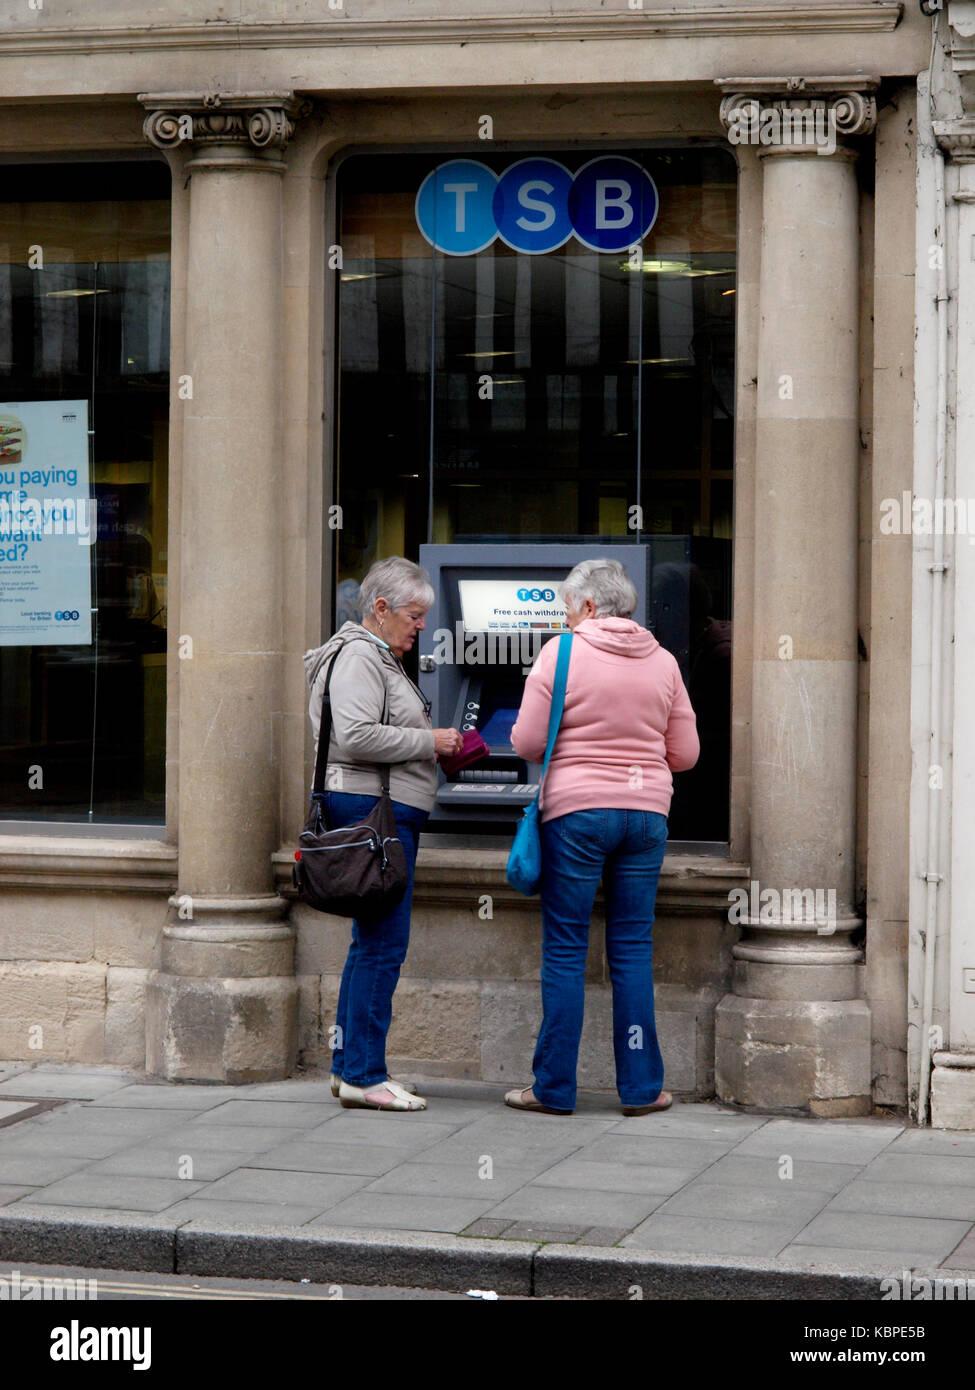 Deux vieilles dames à l'aide d'un distributeur automatique de BST, tewkesbury, Gloucestershire, Royaume Photo Stock